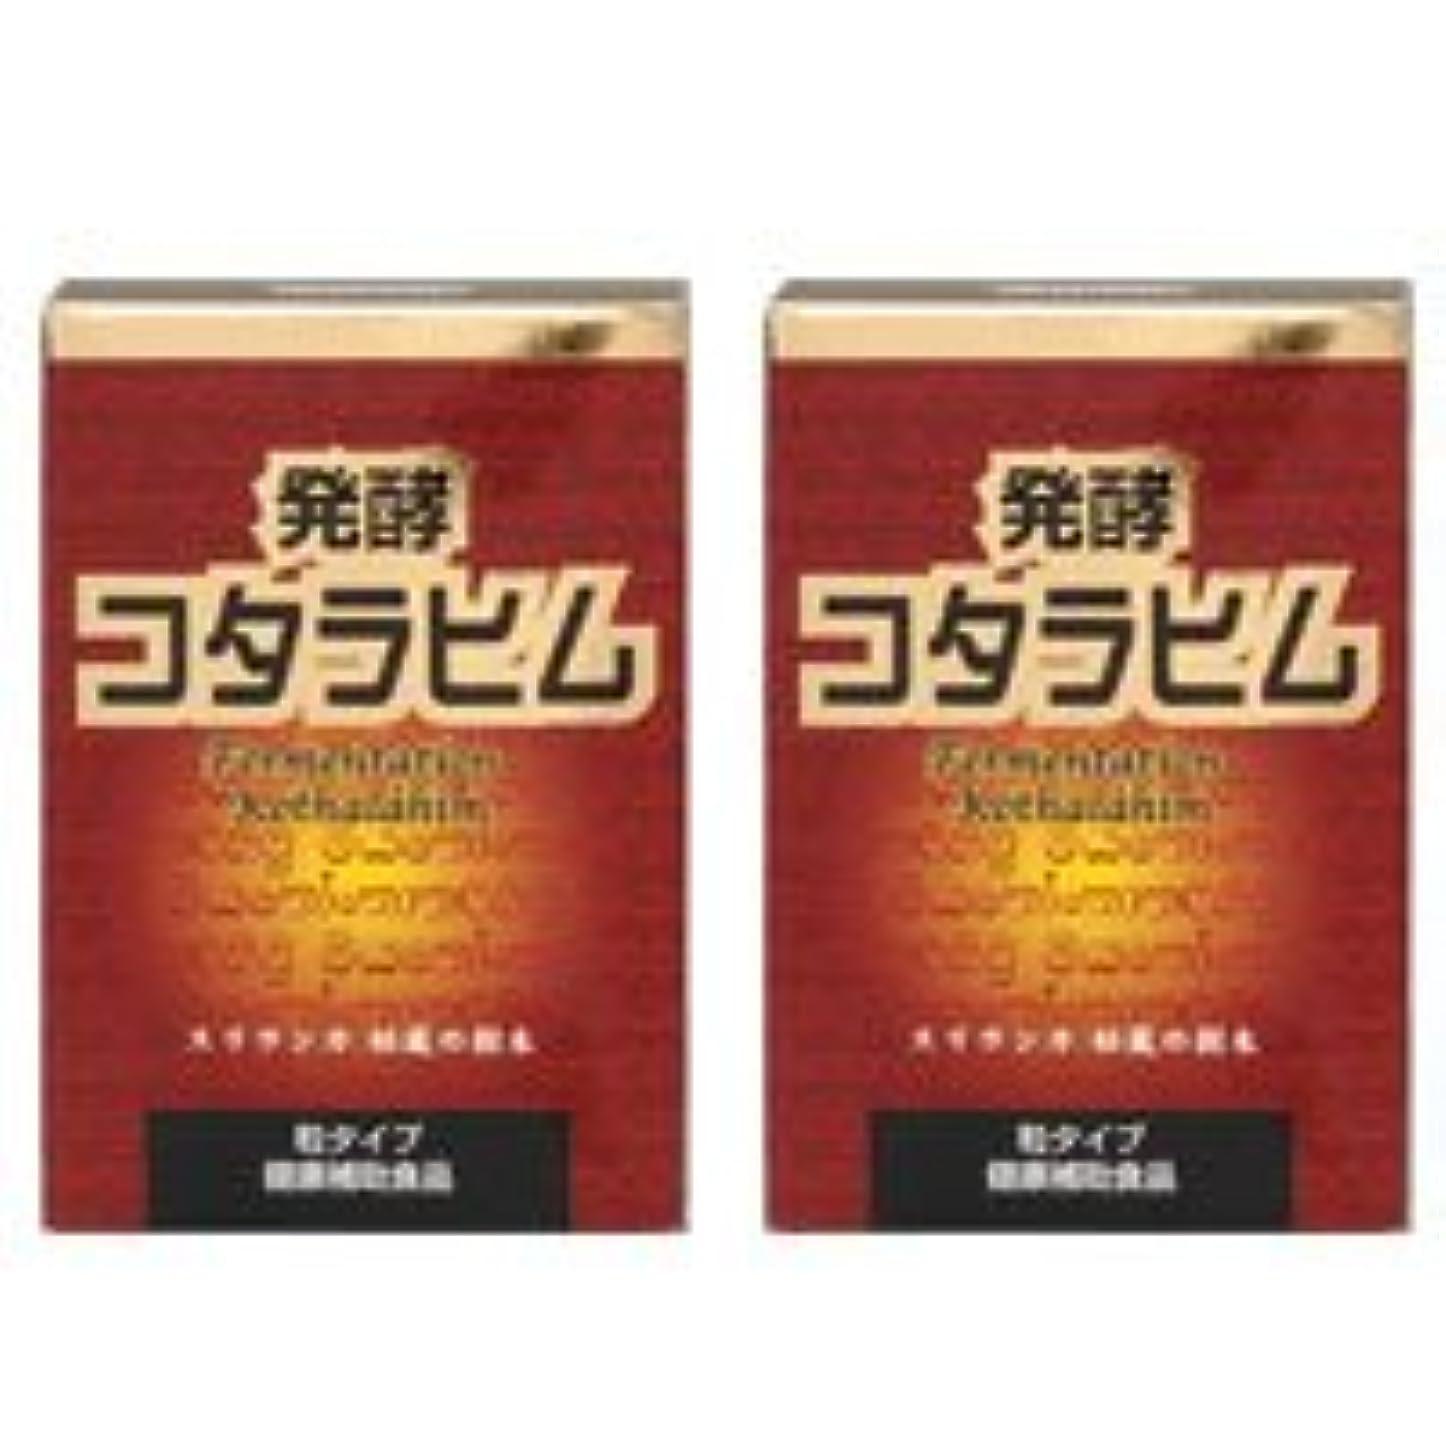 交差点こどもの日愛発酵コタラヒム2個セット【糖を変化させるコタラヒム】